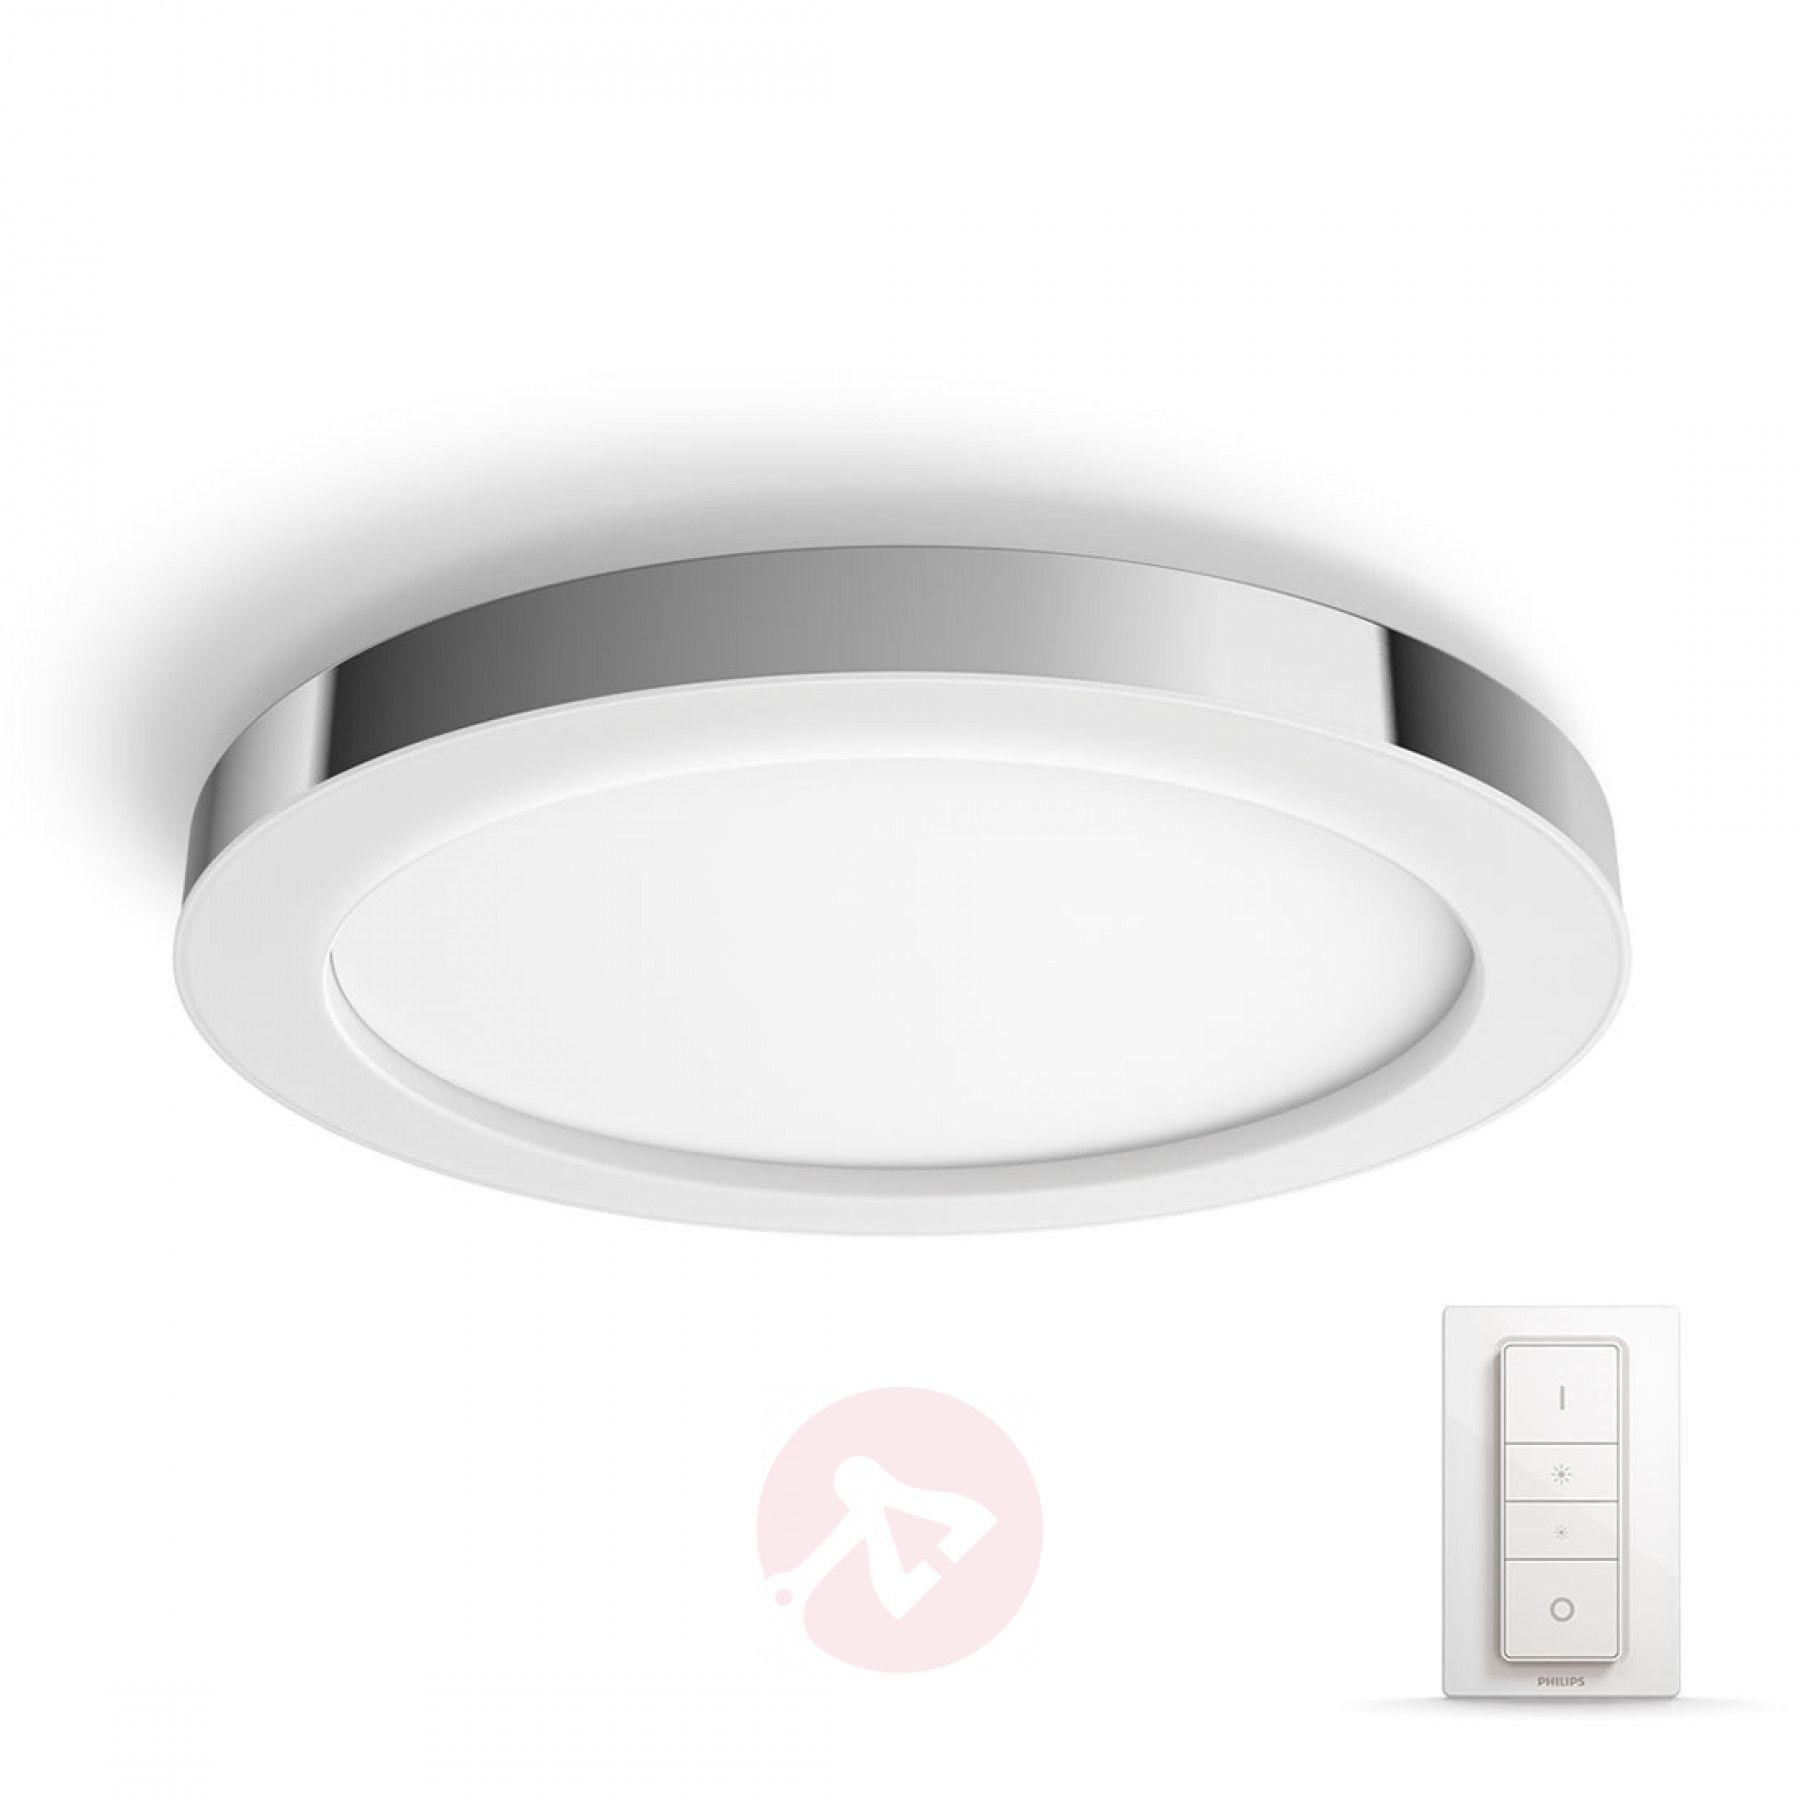 Philips Hue White Ambiance Adore Bad Deckenlampe Deckenlampe